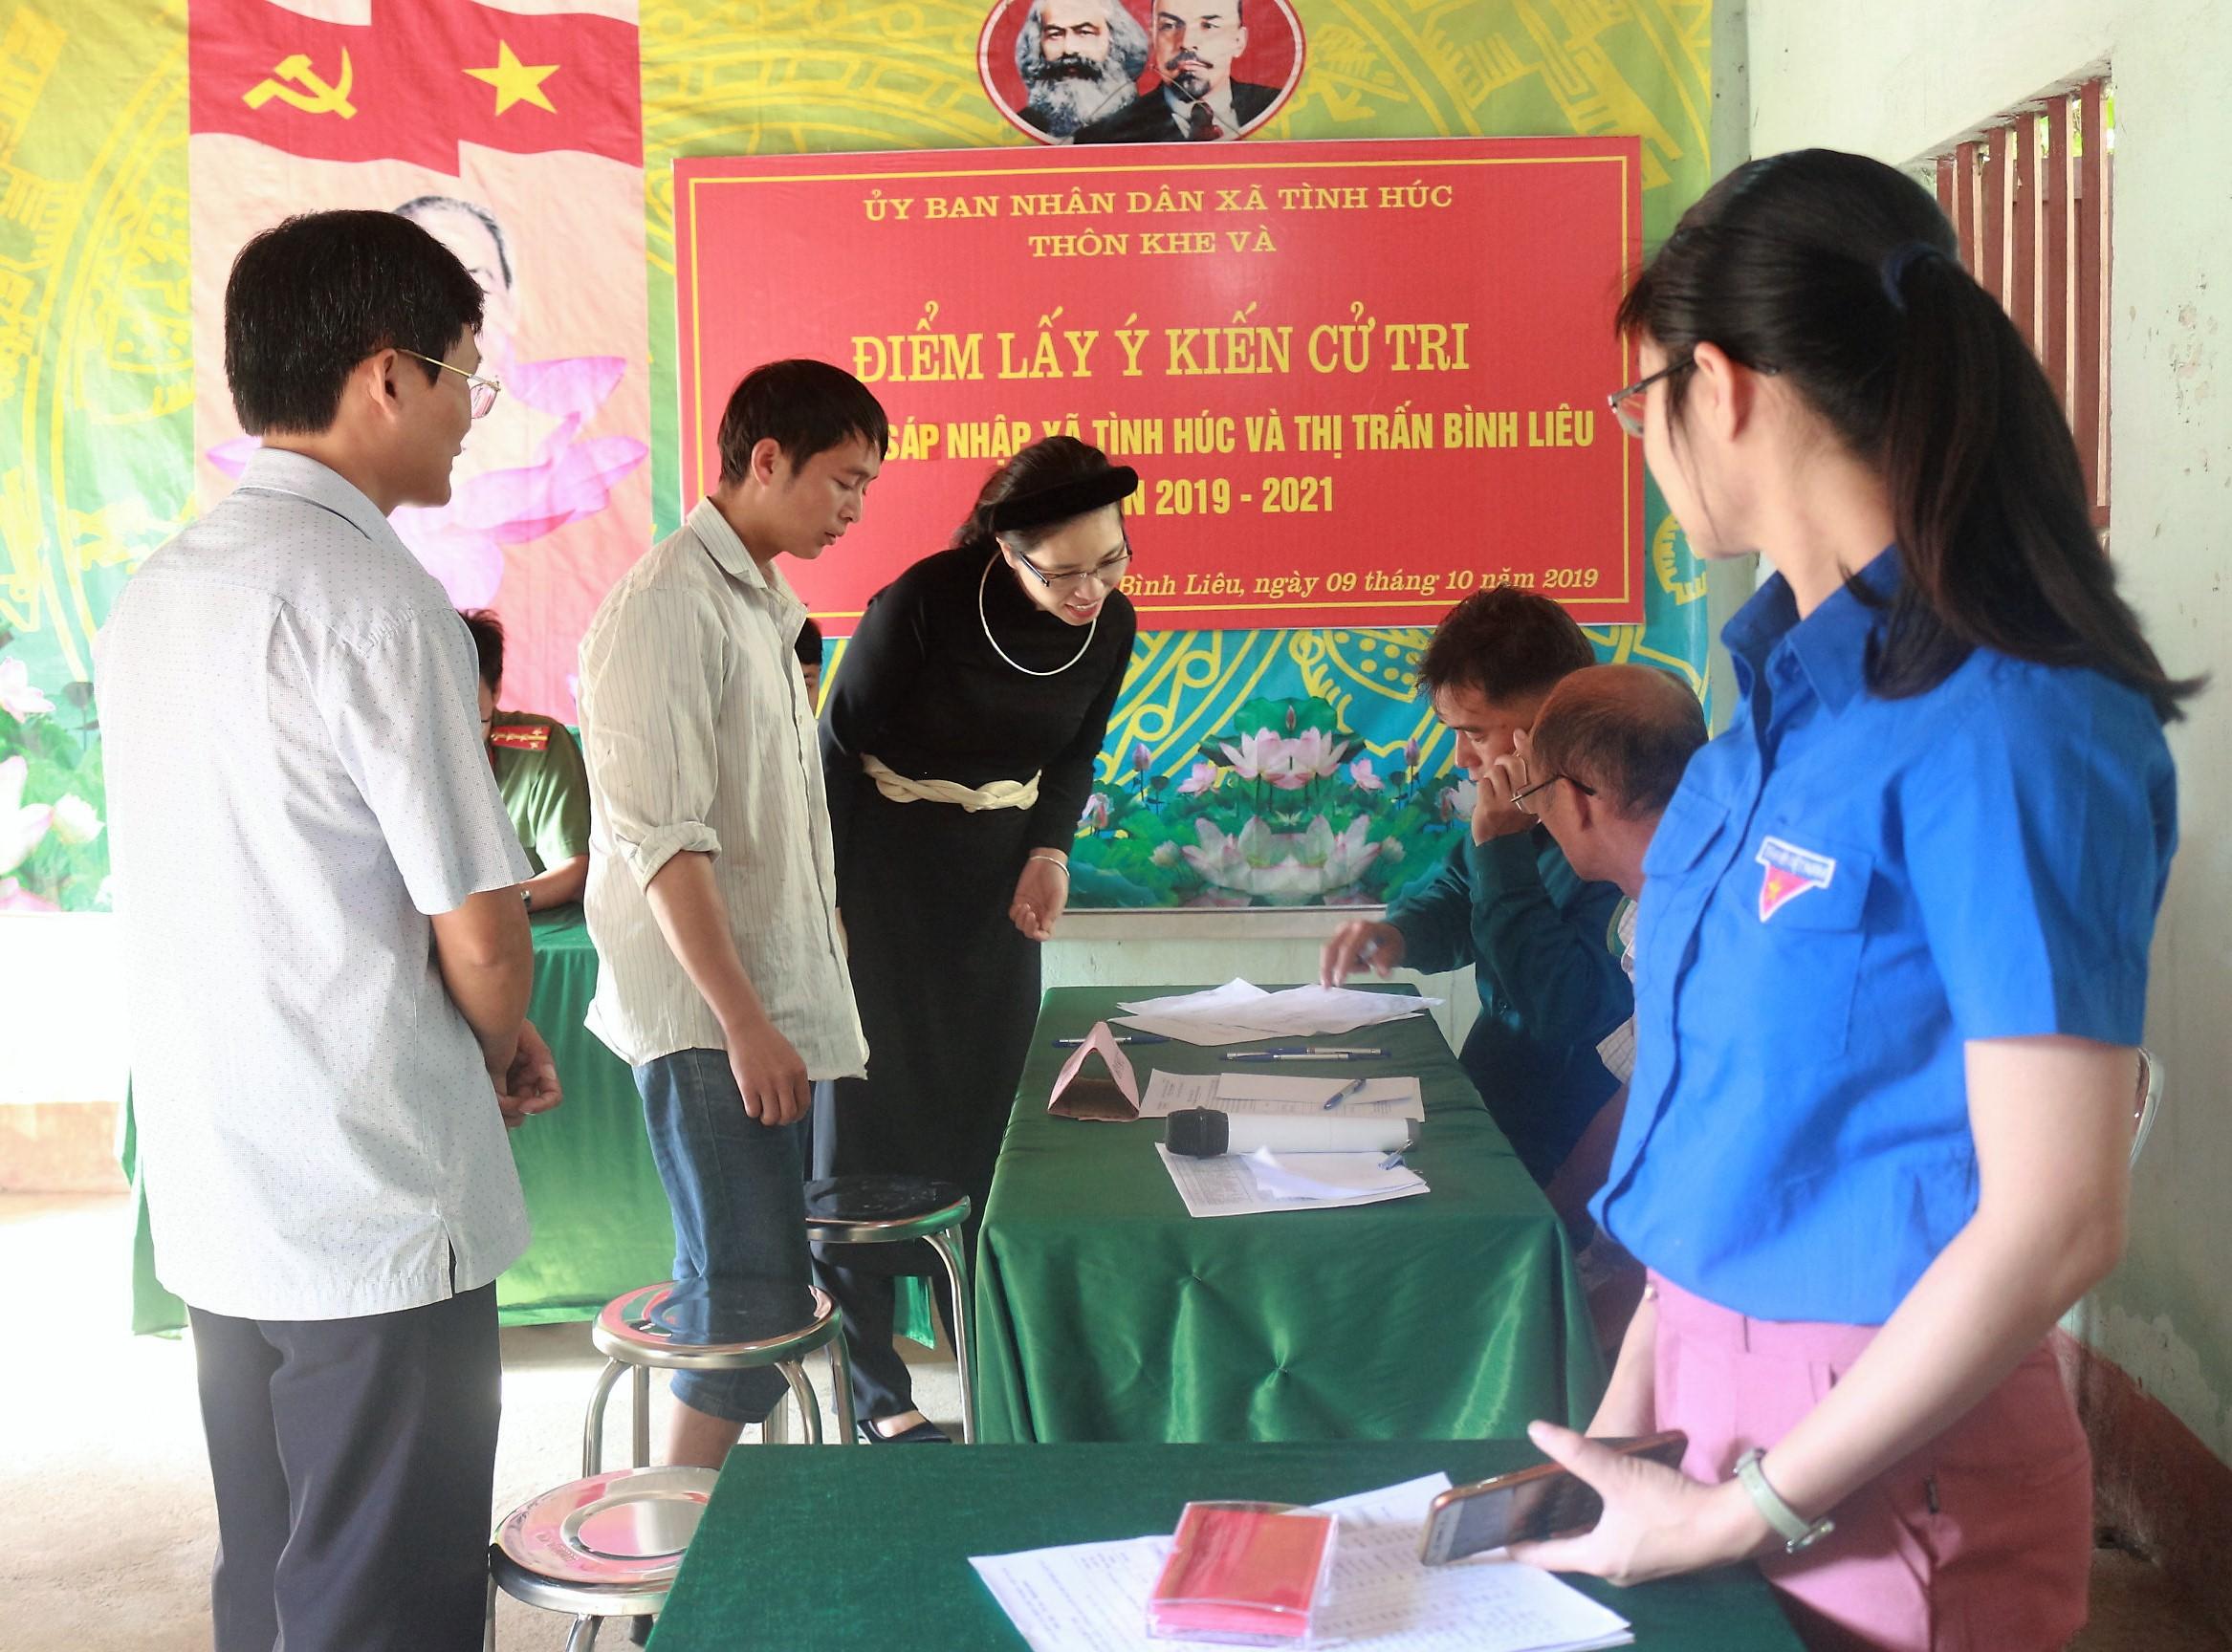 Chủ tịch UBND huyện Bình Liêu Nguyễn Thị Tuyết Hạnh ( thứ ba từ trái) tiếp xúc với Nhân dân trong buổi lấy ý kiến để hợp nhất xã Tình Húc với Thị trấn Bình Liêu